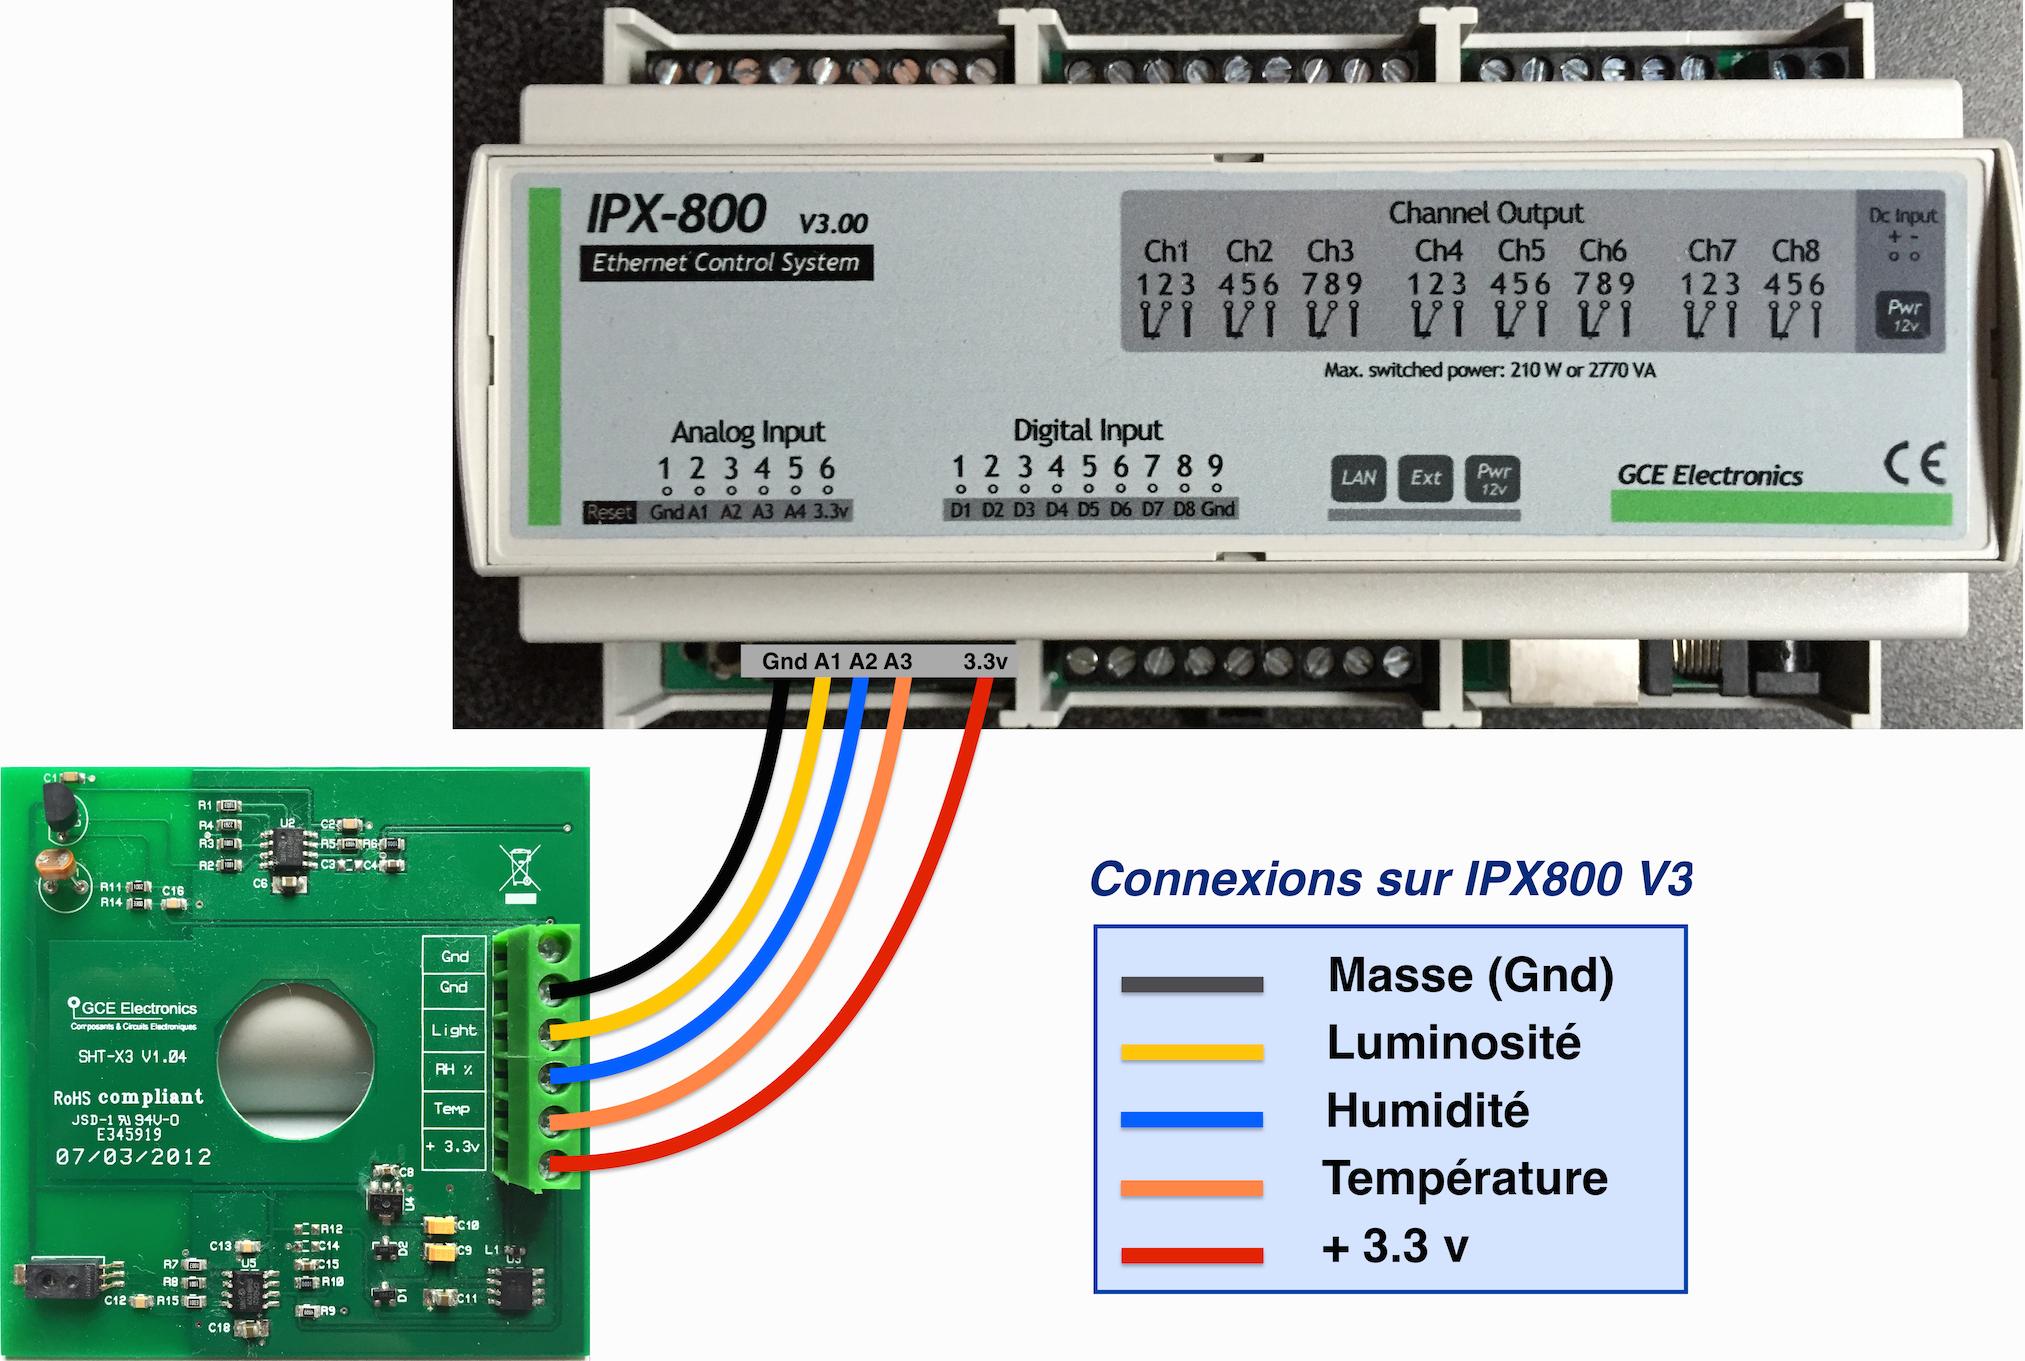 Prise En Main De L Ipx 800 V3 Fonctionnement En Mode Autonome Domotique Info En 2020 Domotique Info Domotique Maison Connectee